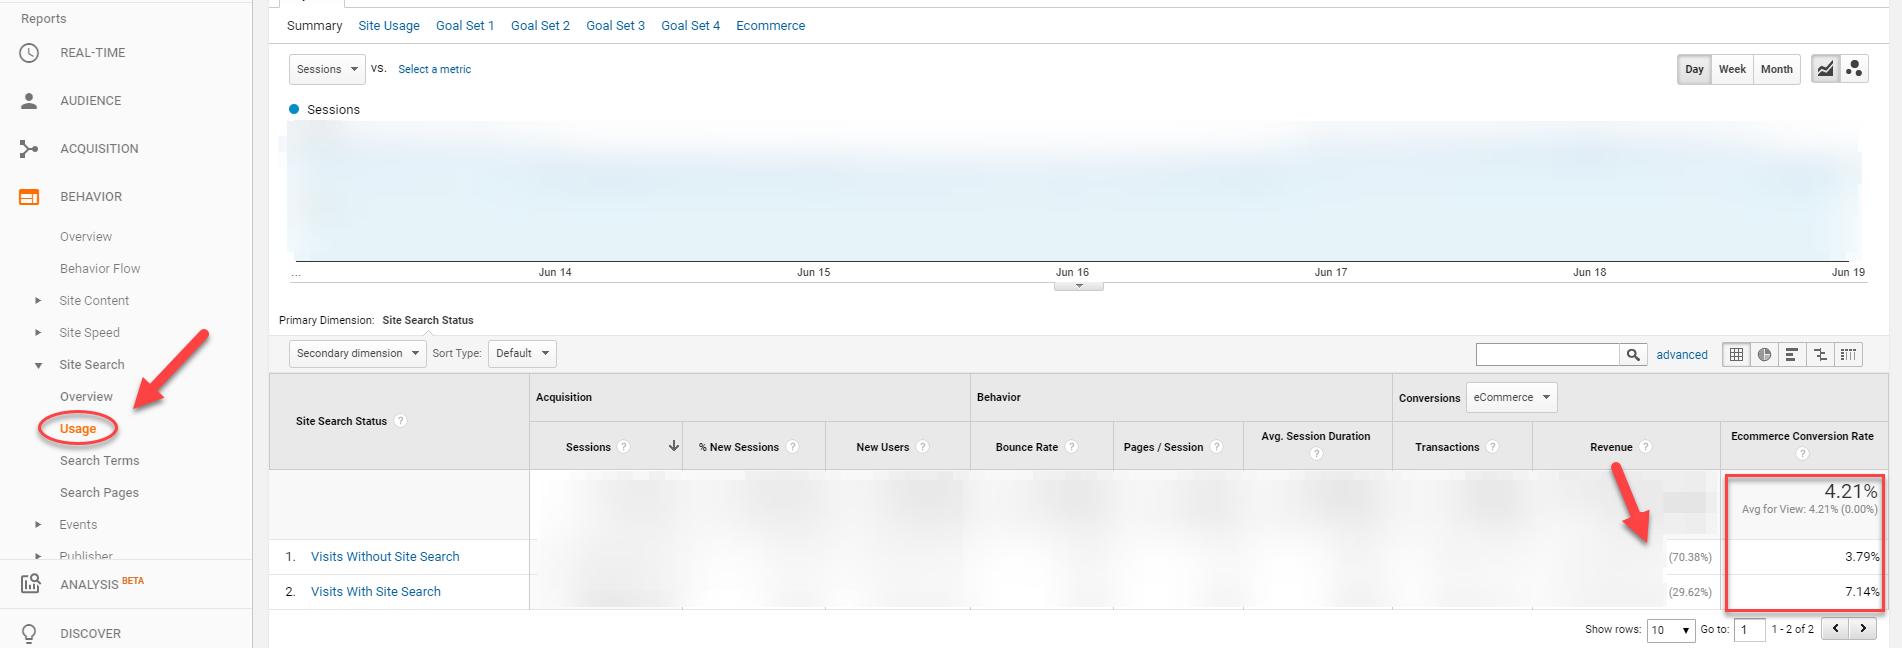 Ecommerce site search revenue